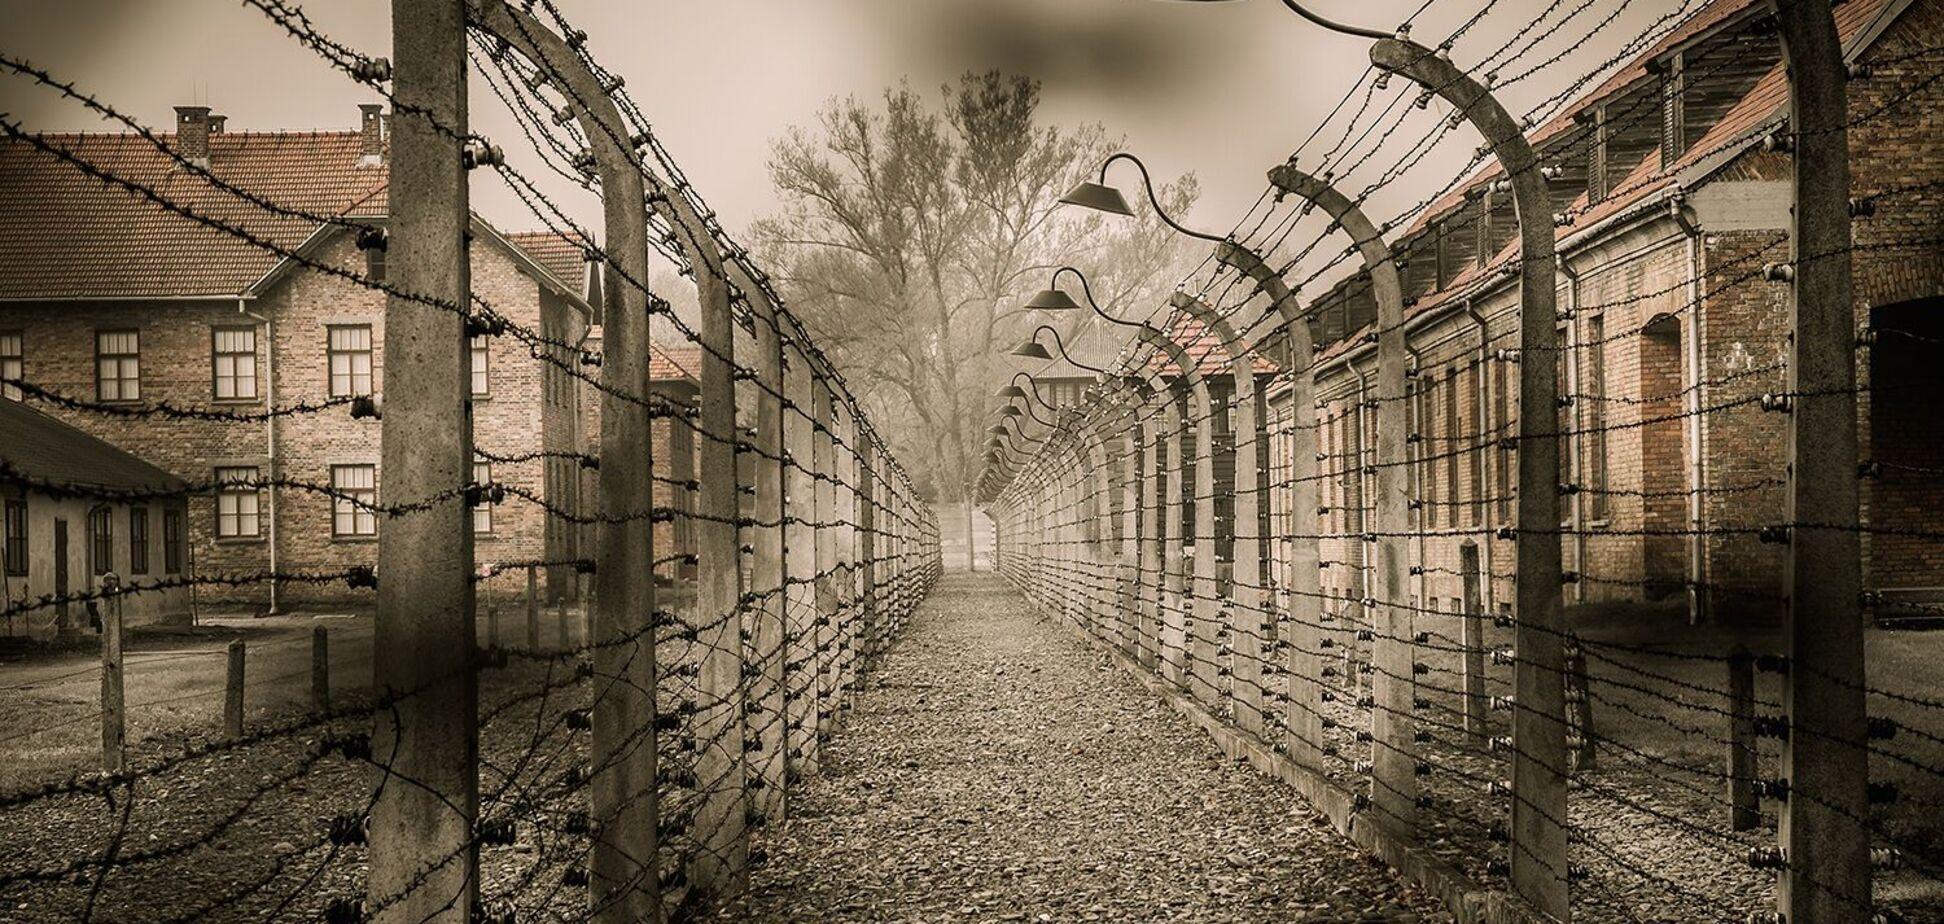 Пам'ять про Голокост: духовно бідні нації не можуть стати матеріально багатими!